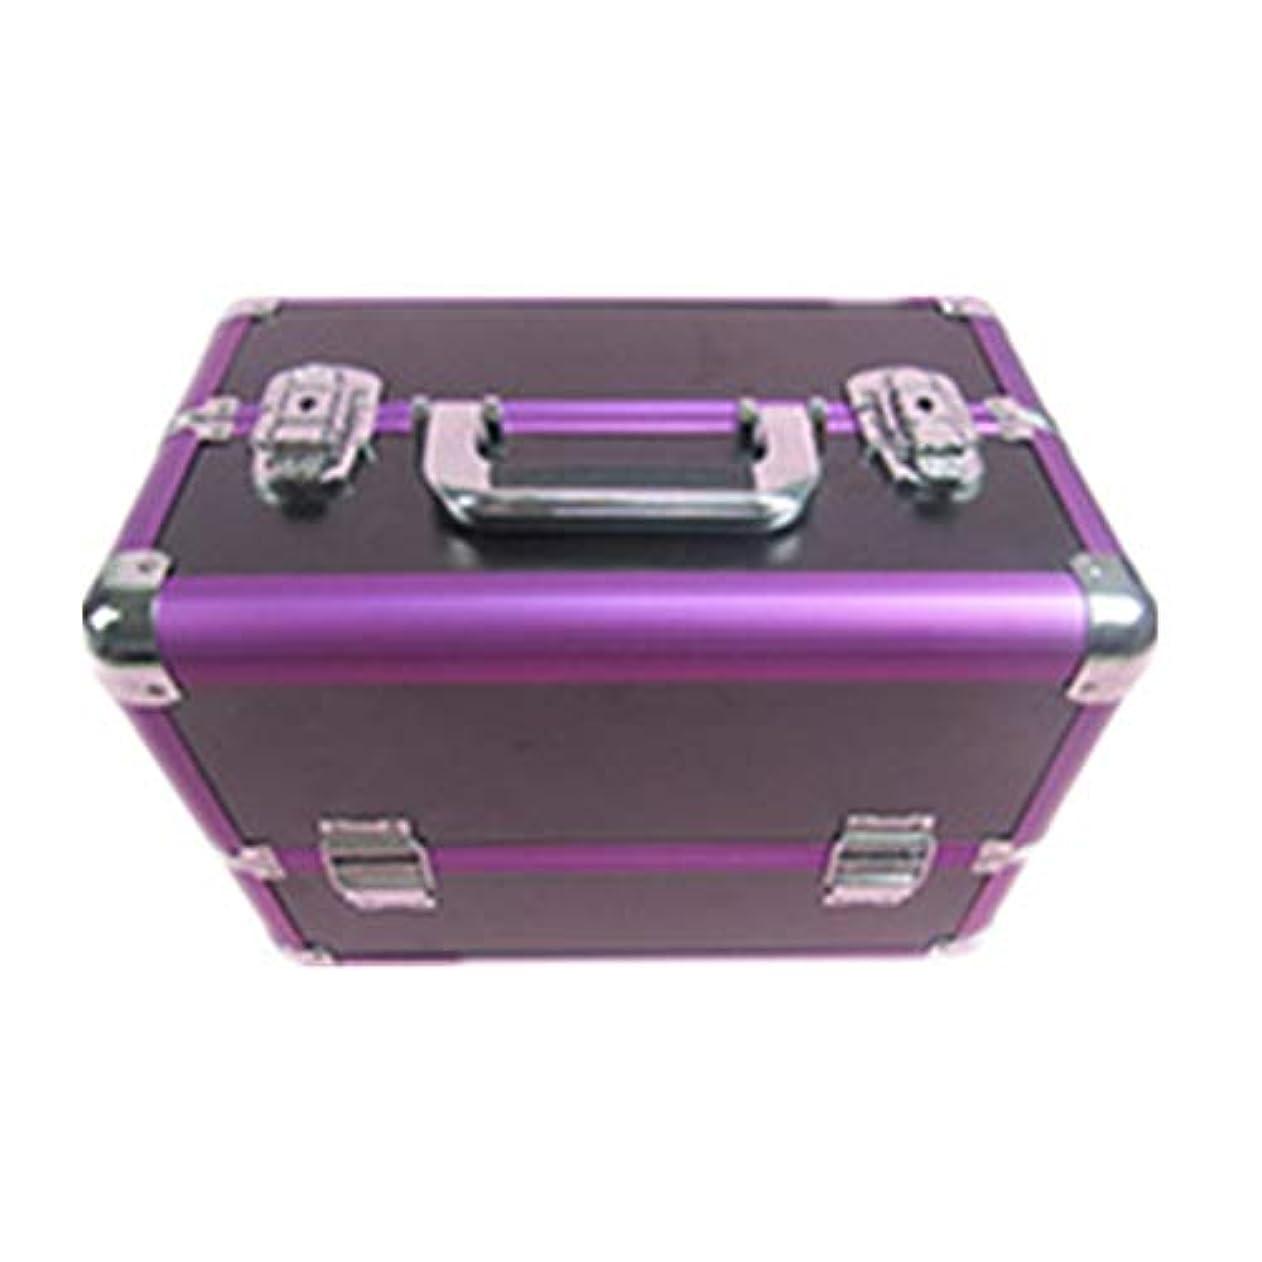 災難苦しむドロップ化粧オーガナイザーバッグ 大容量ポータブル化粧ケース(トラベルアクセサリー用)シャンプーボディウォッシュパーソナルアイテム収納トレイ(エクステンショントレイ付) 化粧品ケース